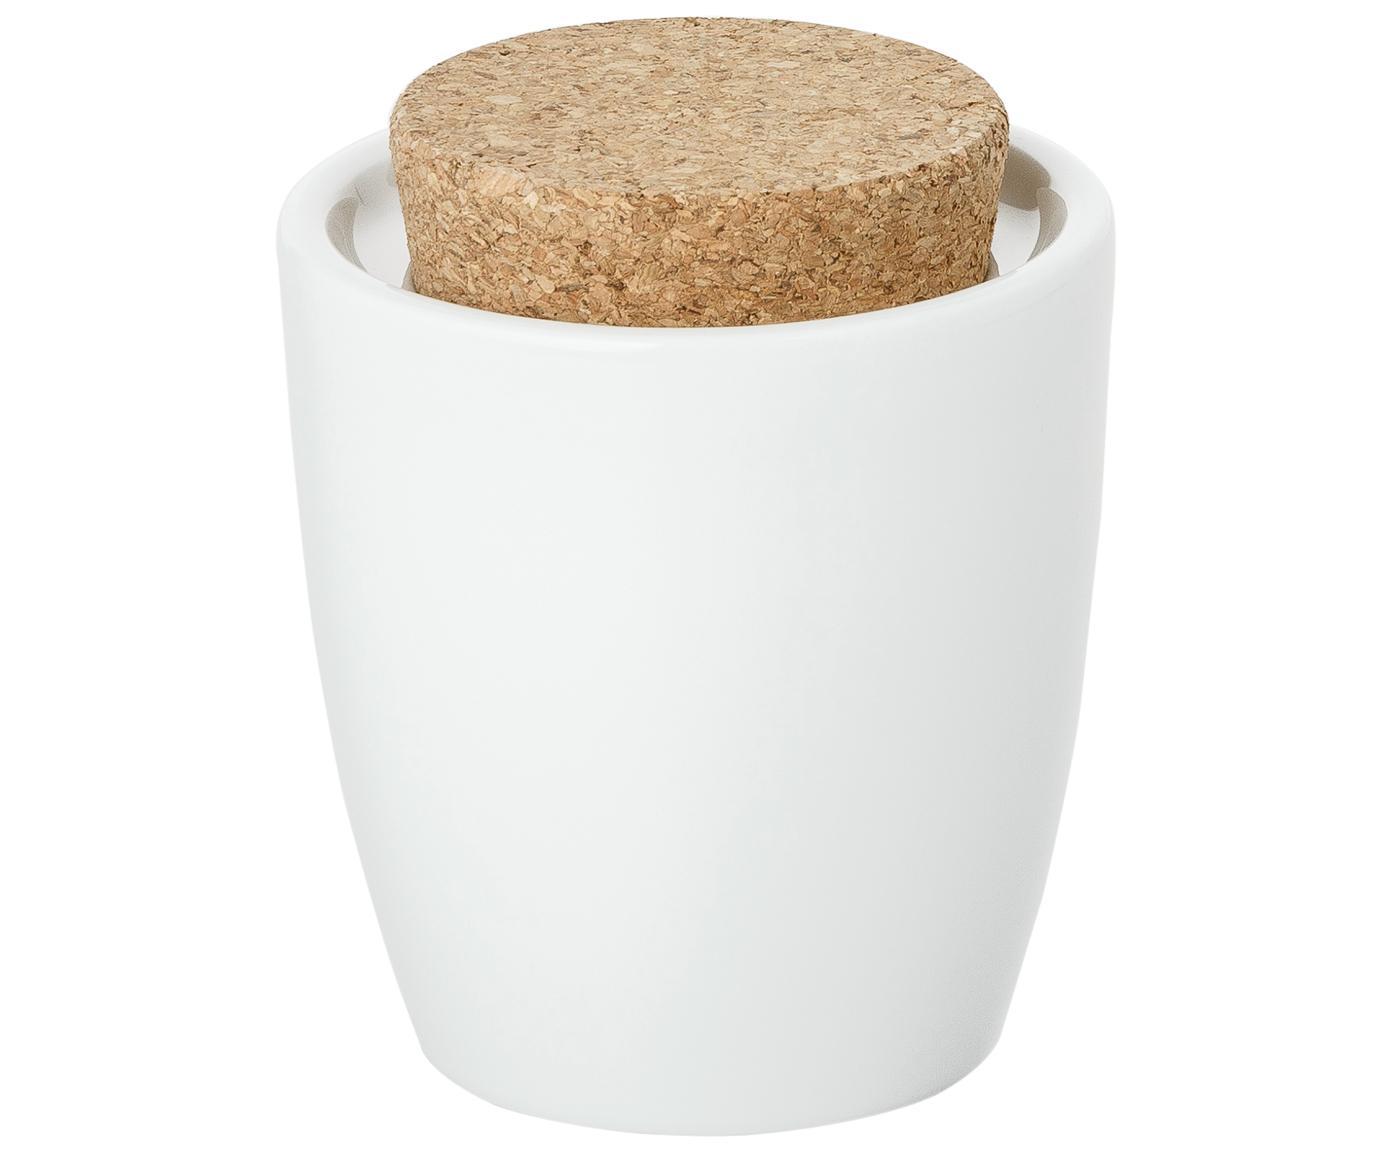 Zuckerdose Artesano Original, Porzellan, Kork, Weiss, 300 ml